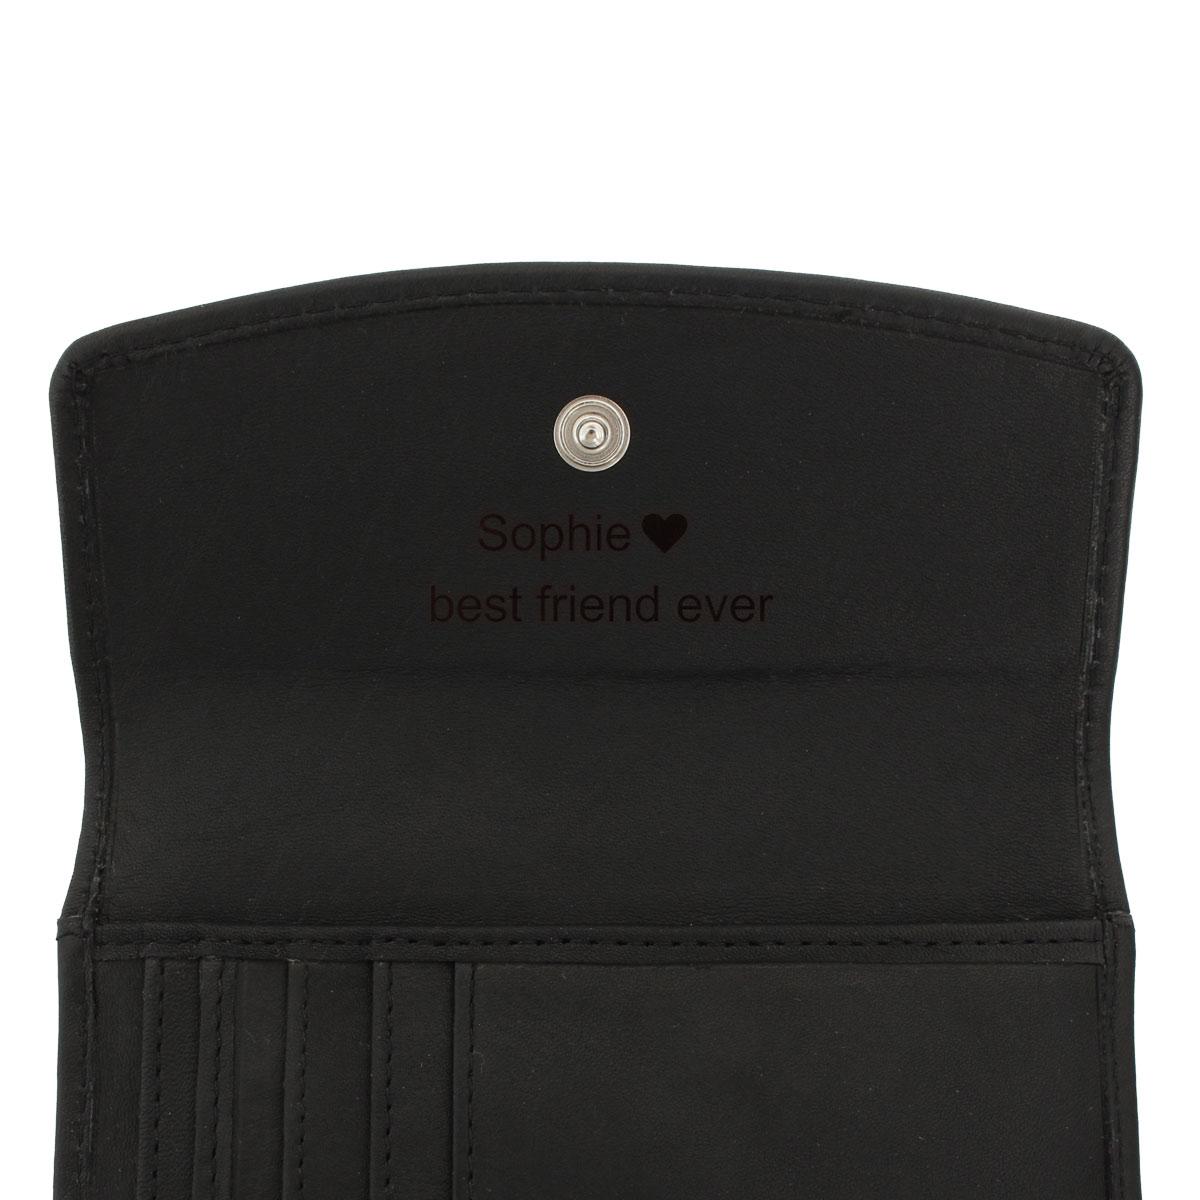 dcd6ac4d09ed3 Geldbörse Portemonnaie Brieftasche Geldbeutel Vintage Damen Braun Leder